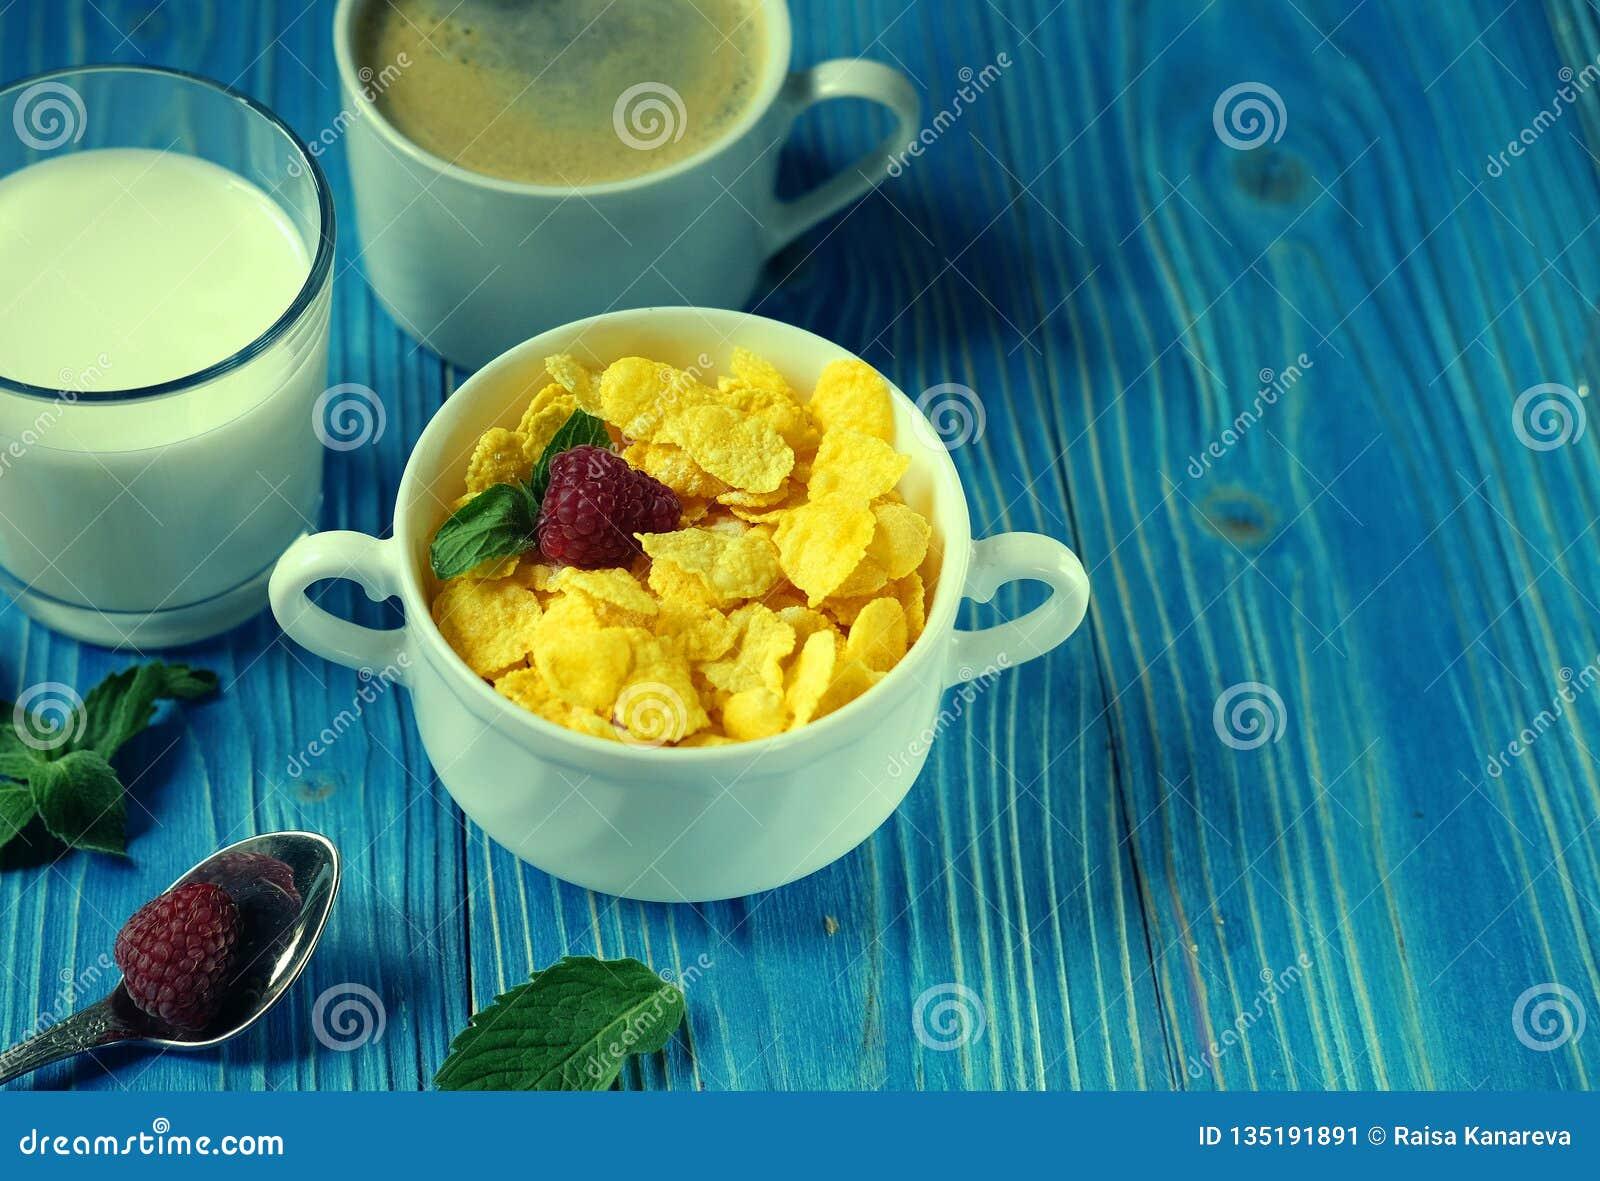 Здоровая еда, еда и концепция диеты - корнфлексы с ягодами, молоком и кофе для предпосылки завтрака голубой деревянной